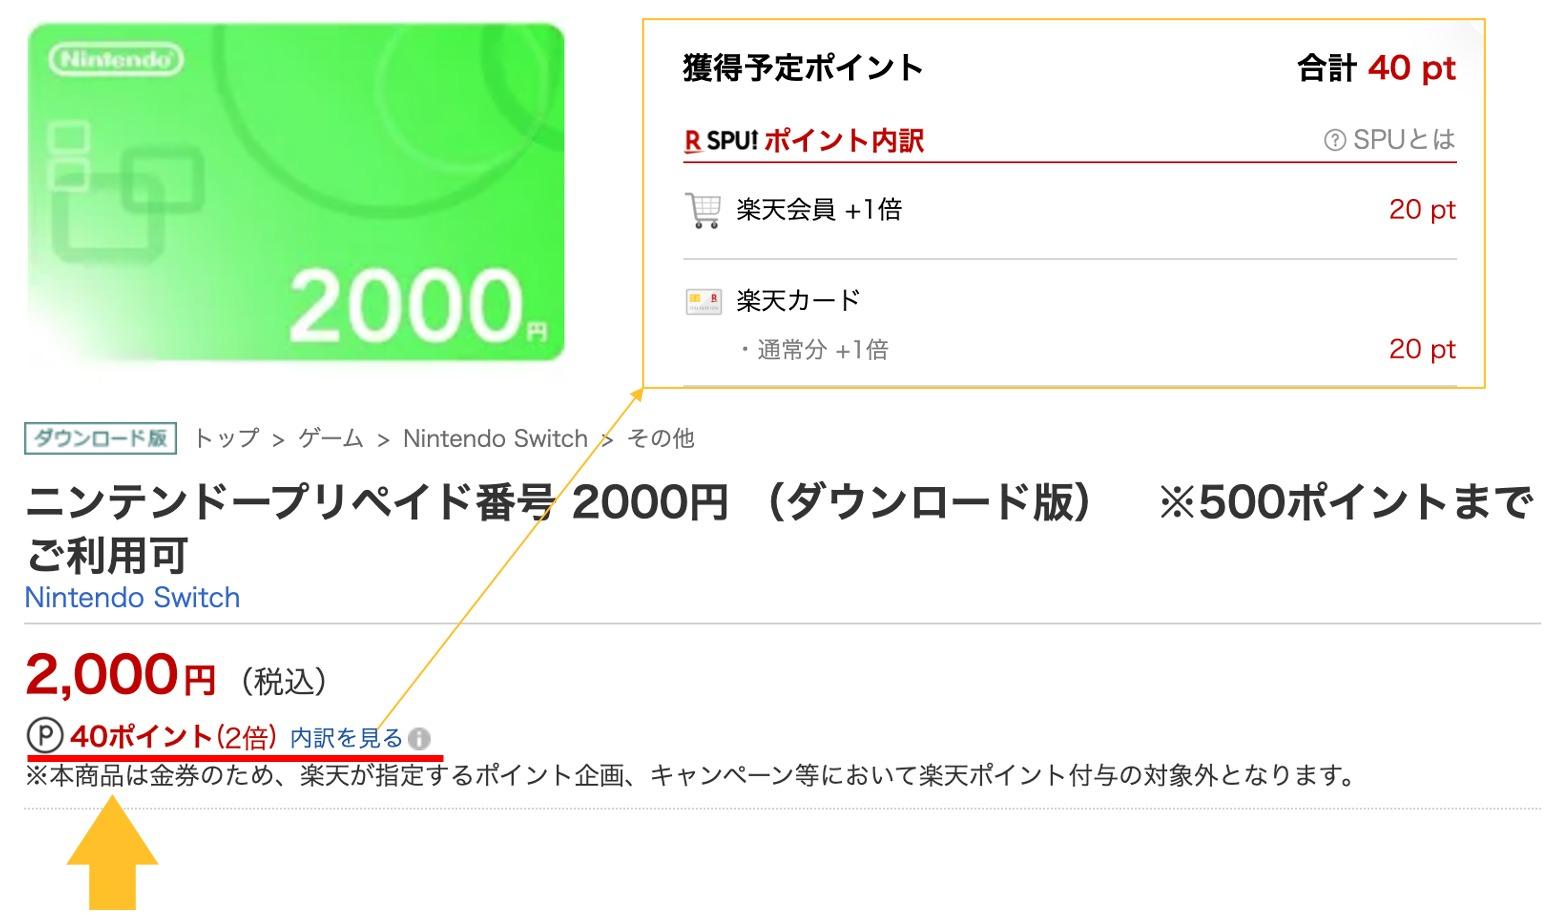 2000円のプリペイドカード